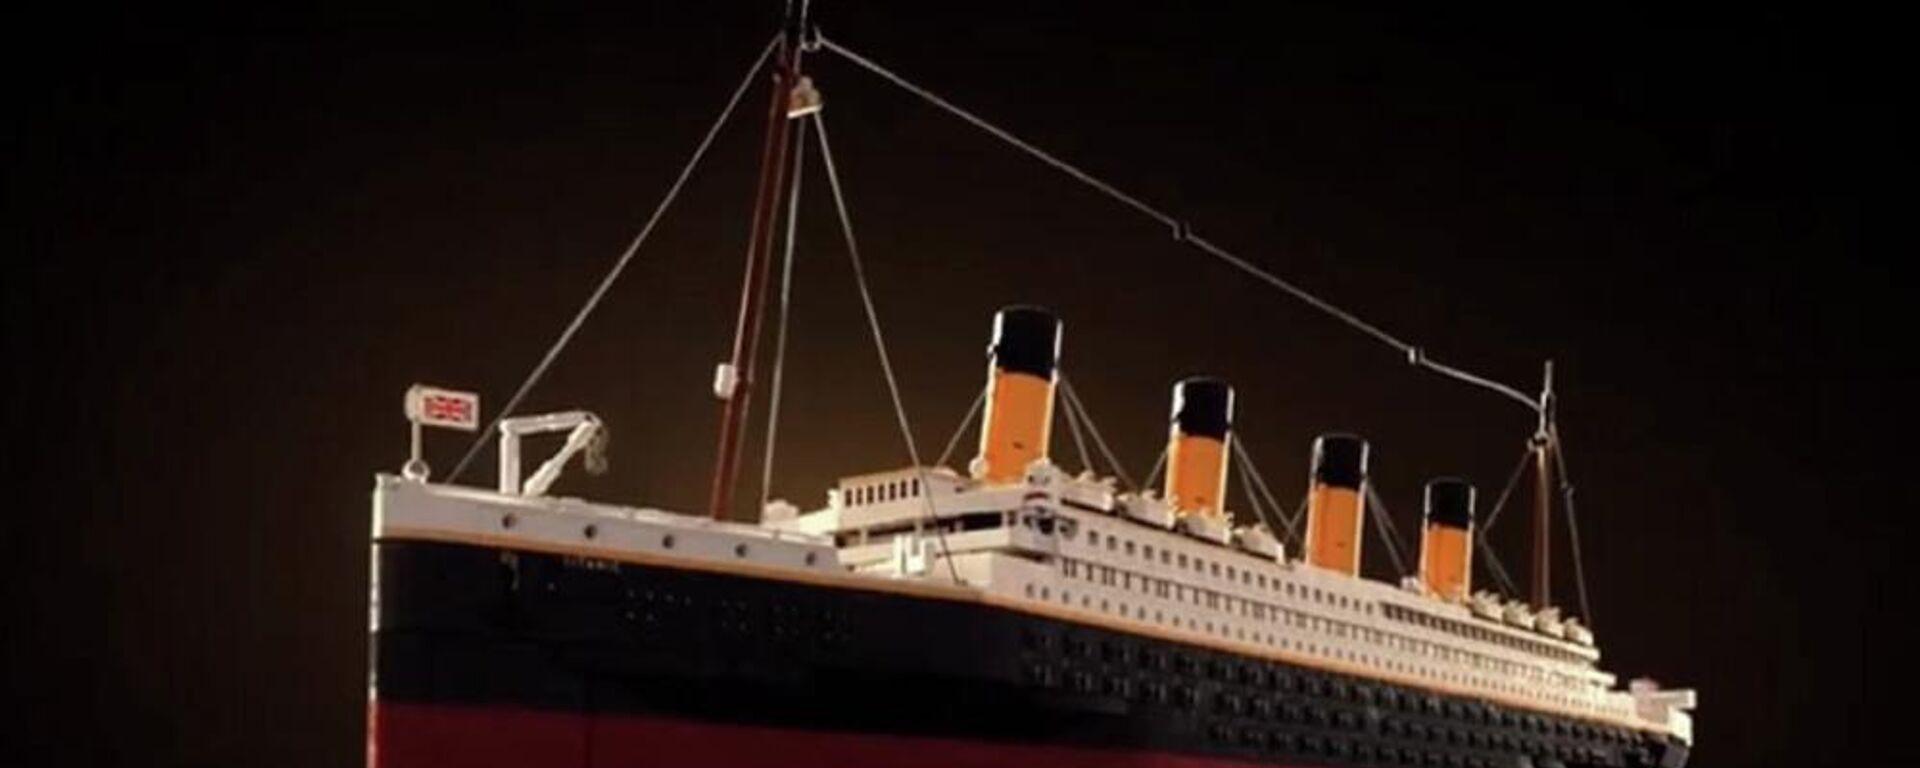 Τιτανικός: Η LEGO έβγαλε ρέπλικα του θρυλικού πλοίου από 9.090 τουβλάκια - Sputnik Ελλάδα, 1920, 08.10.2021